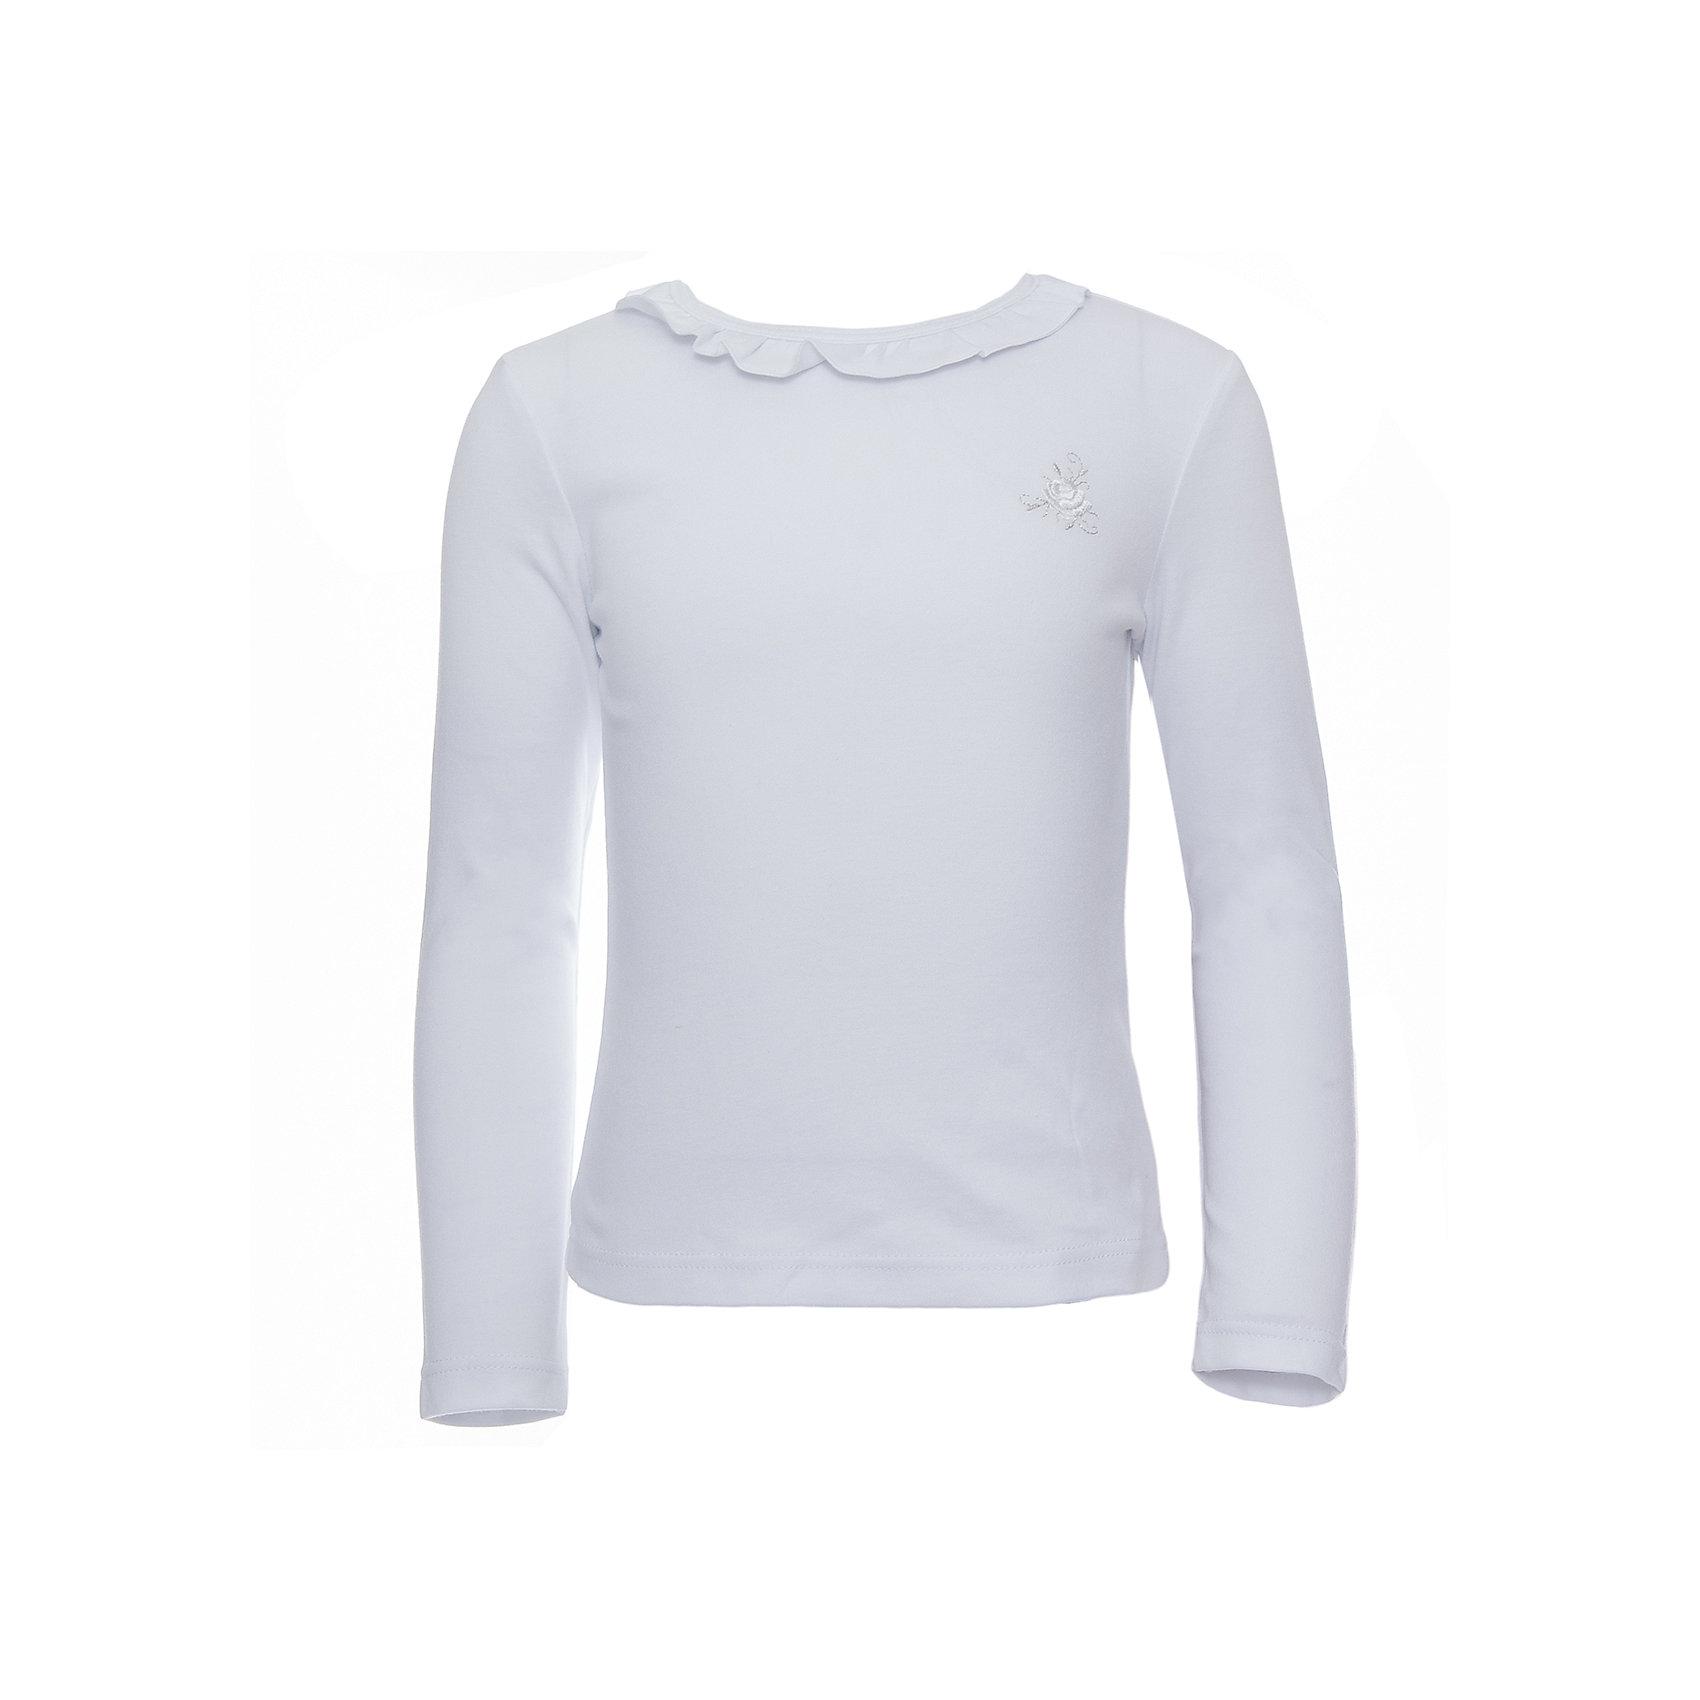 Футболка с длинным рукавом для девочки Белый снегБлузки и рубашки<br>Футболка с длинным рукавом для девочки от российской марки Белый снег.<br>Состав:<br>100%хлопок<br><br>Ширина мм: 230<br>Глубина мм: 40<br>Высота мм: 220<br>Вес г: 250<br>Цвет: белый<br>Возраст от месяцев: 120<br>Возраст до месяцев: 132<br>Пол: Женский<br>Возраст: Детский<br>Размер: 140/146,110/116,158,134,152,98/104,122/128<br>SKU: 4666649